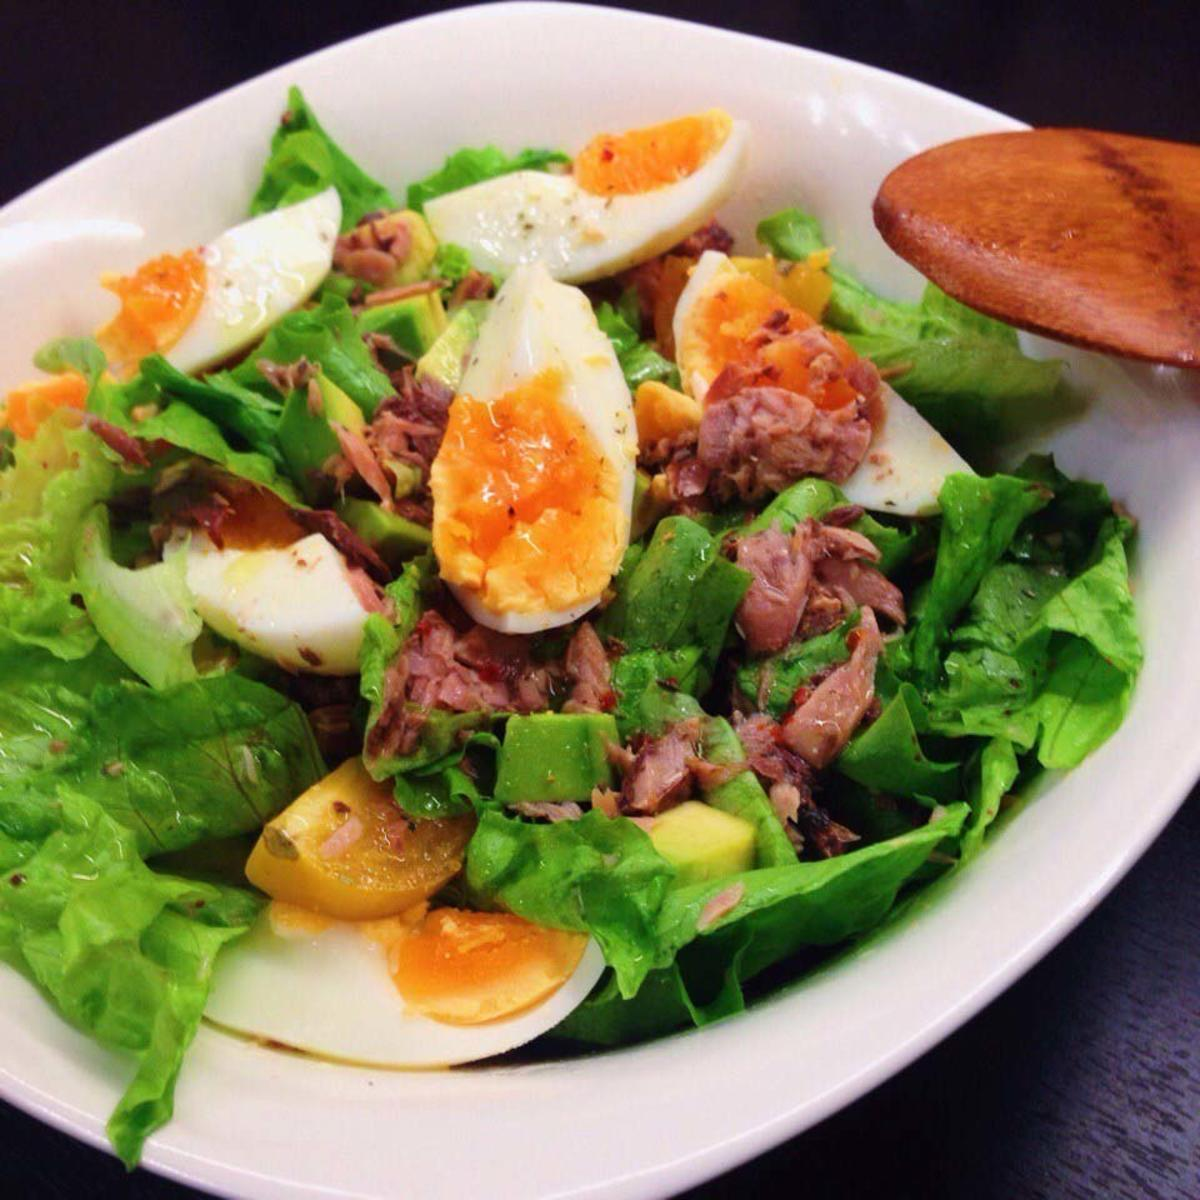 нашей салат из тунца рецепт простой с фото том